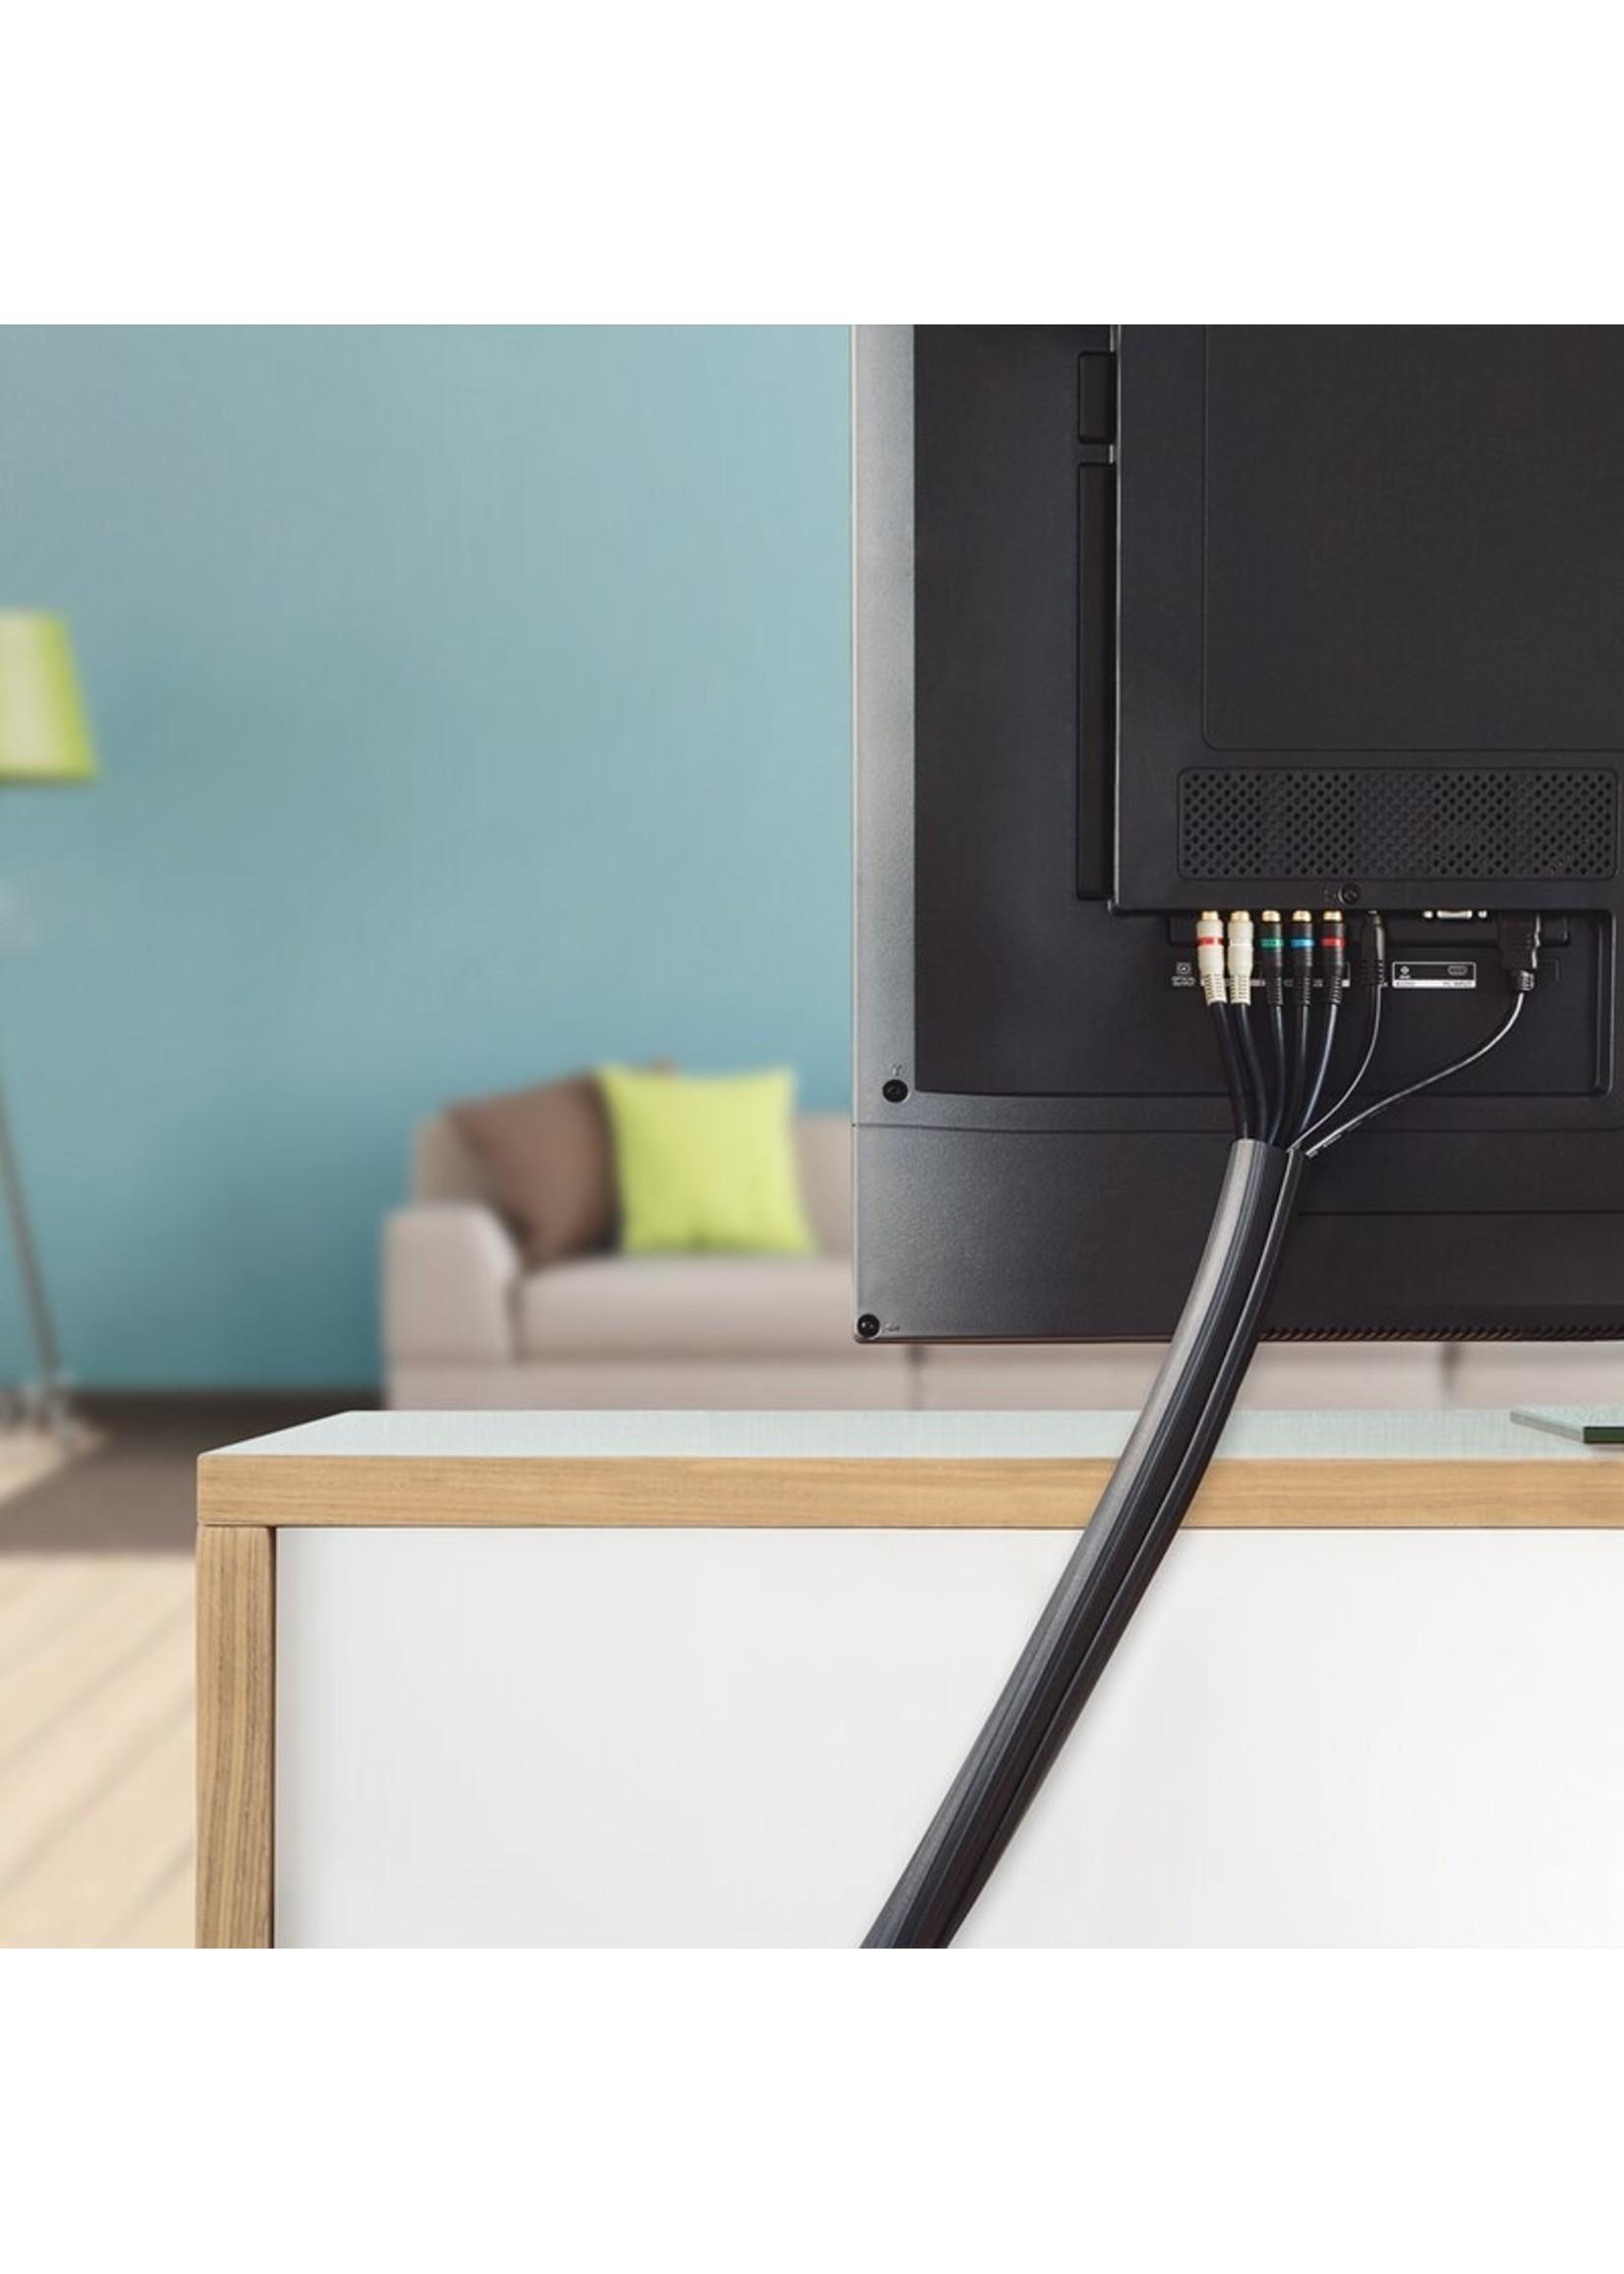 *Cable Management 12 Ft Flexi Cable Wrap - Black